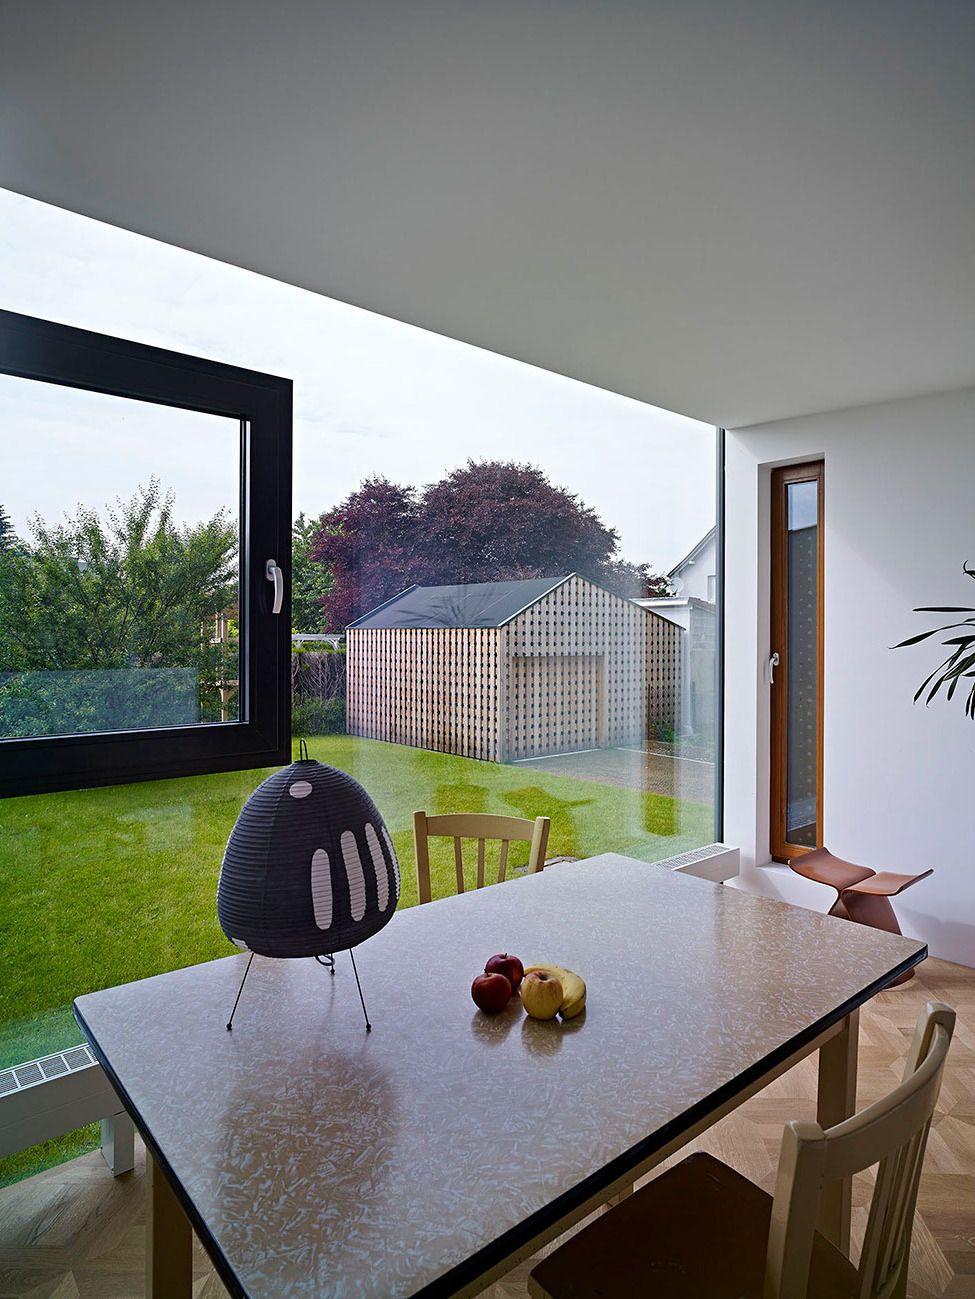 Schickes Wohnambiente 75 Faszinierende Ideen Fr Bodentiefe Fenster FensterReihenhausWohnzimmer